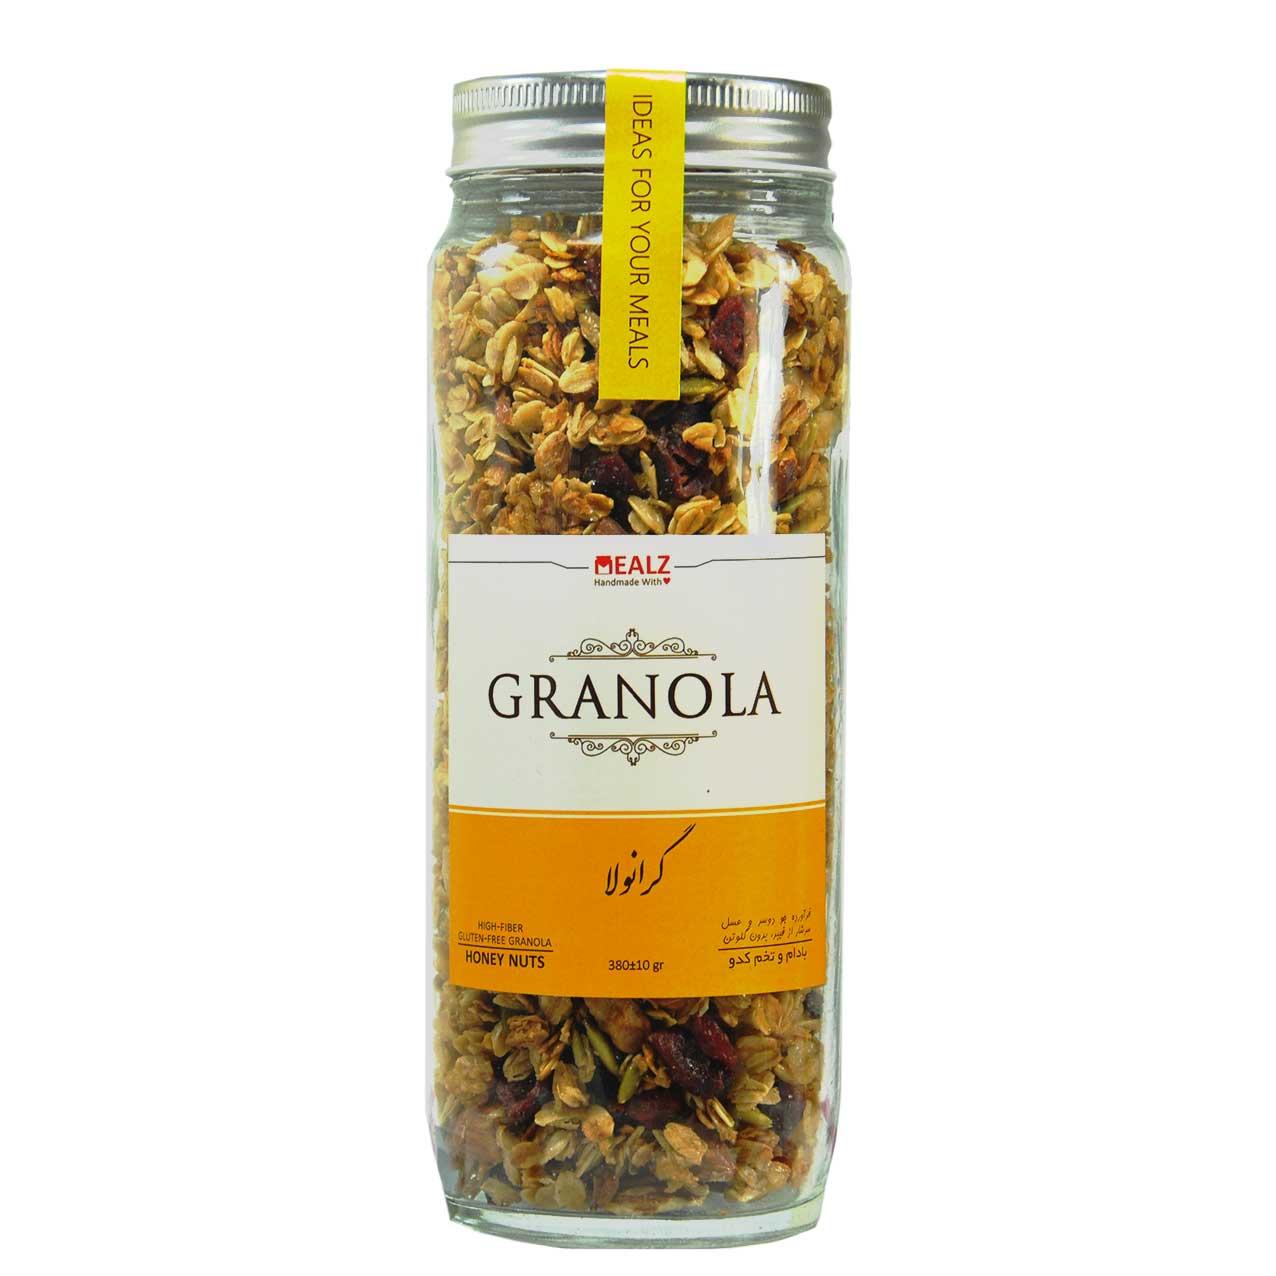 جو دوسر با بادام و تخم کدو گرانولا – Granola